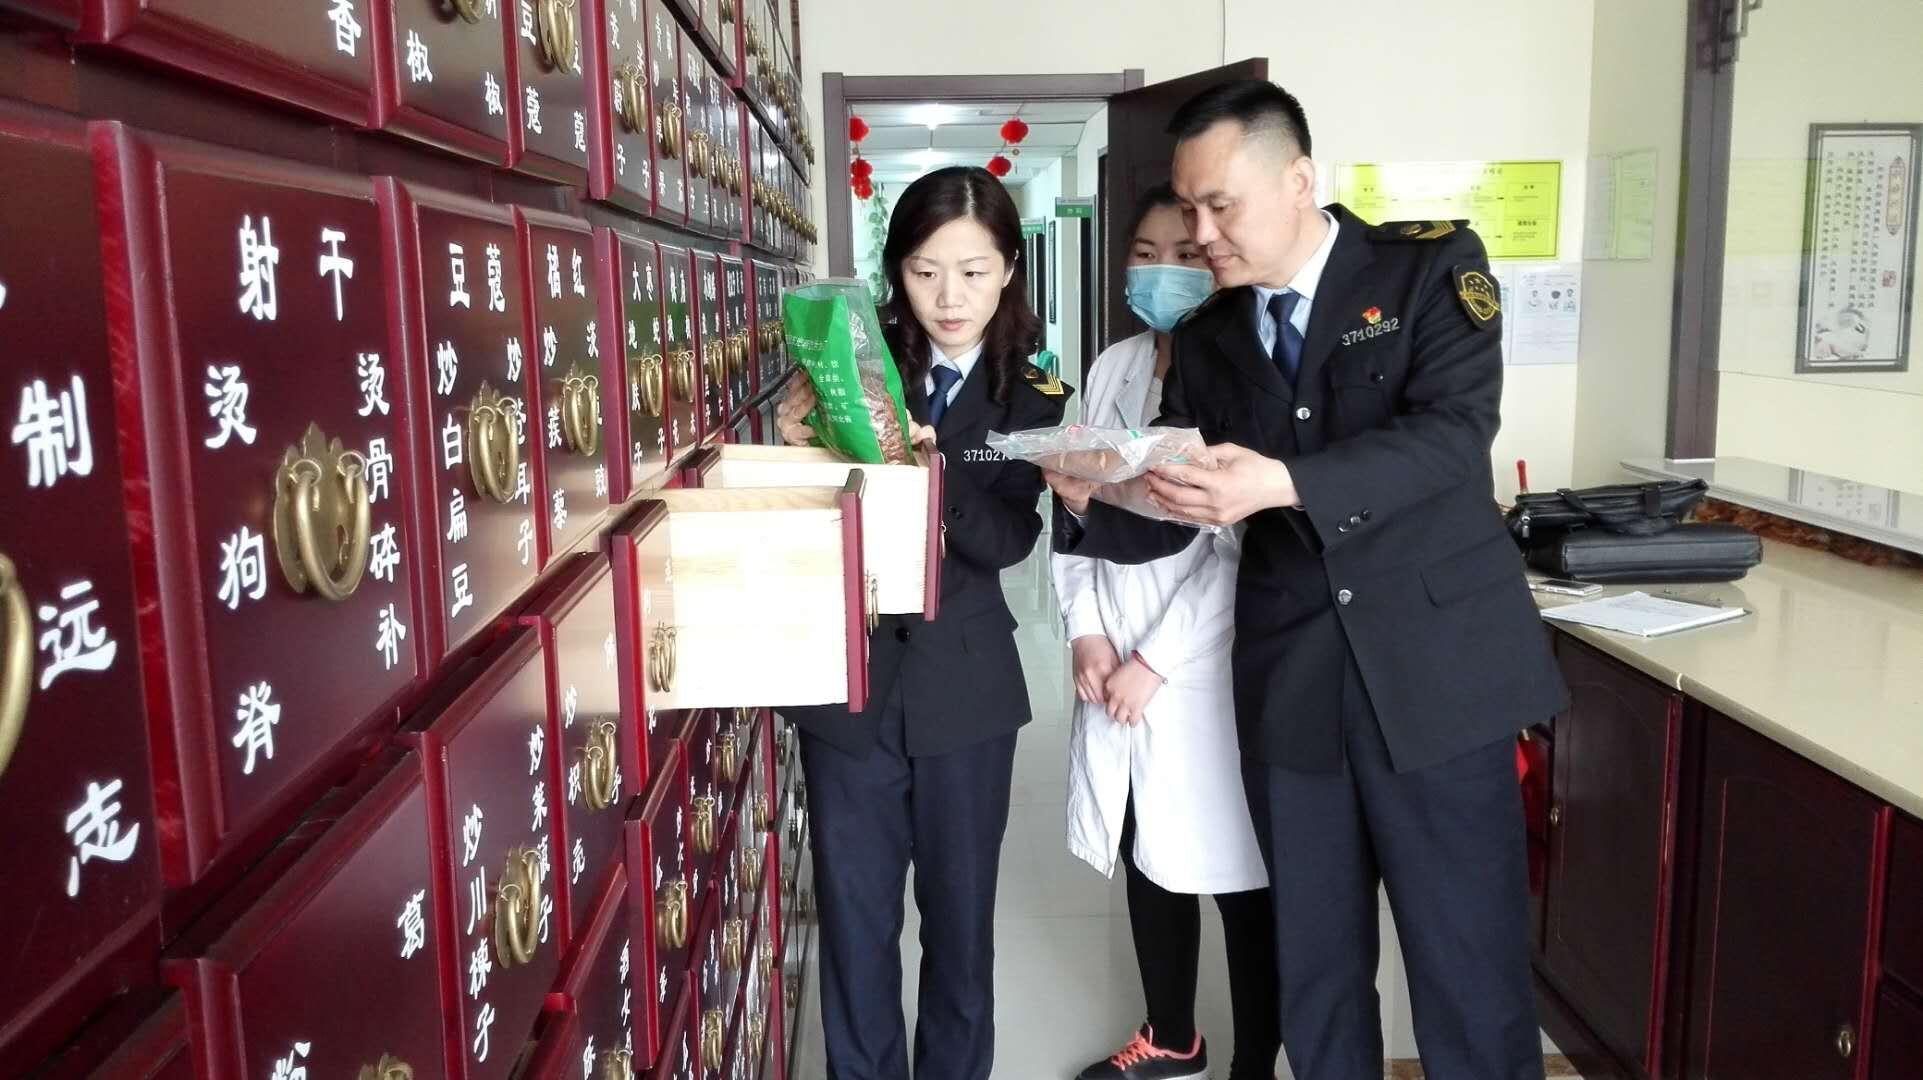 青岛崂山区开展医疗机构非法渠道购进药品专项稽查